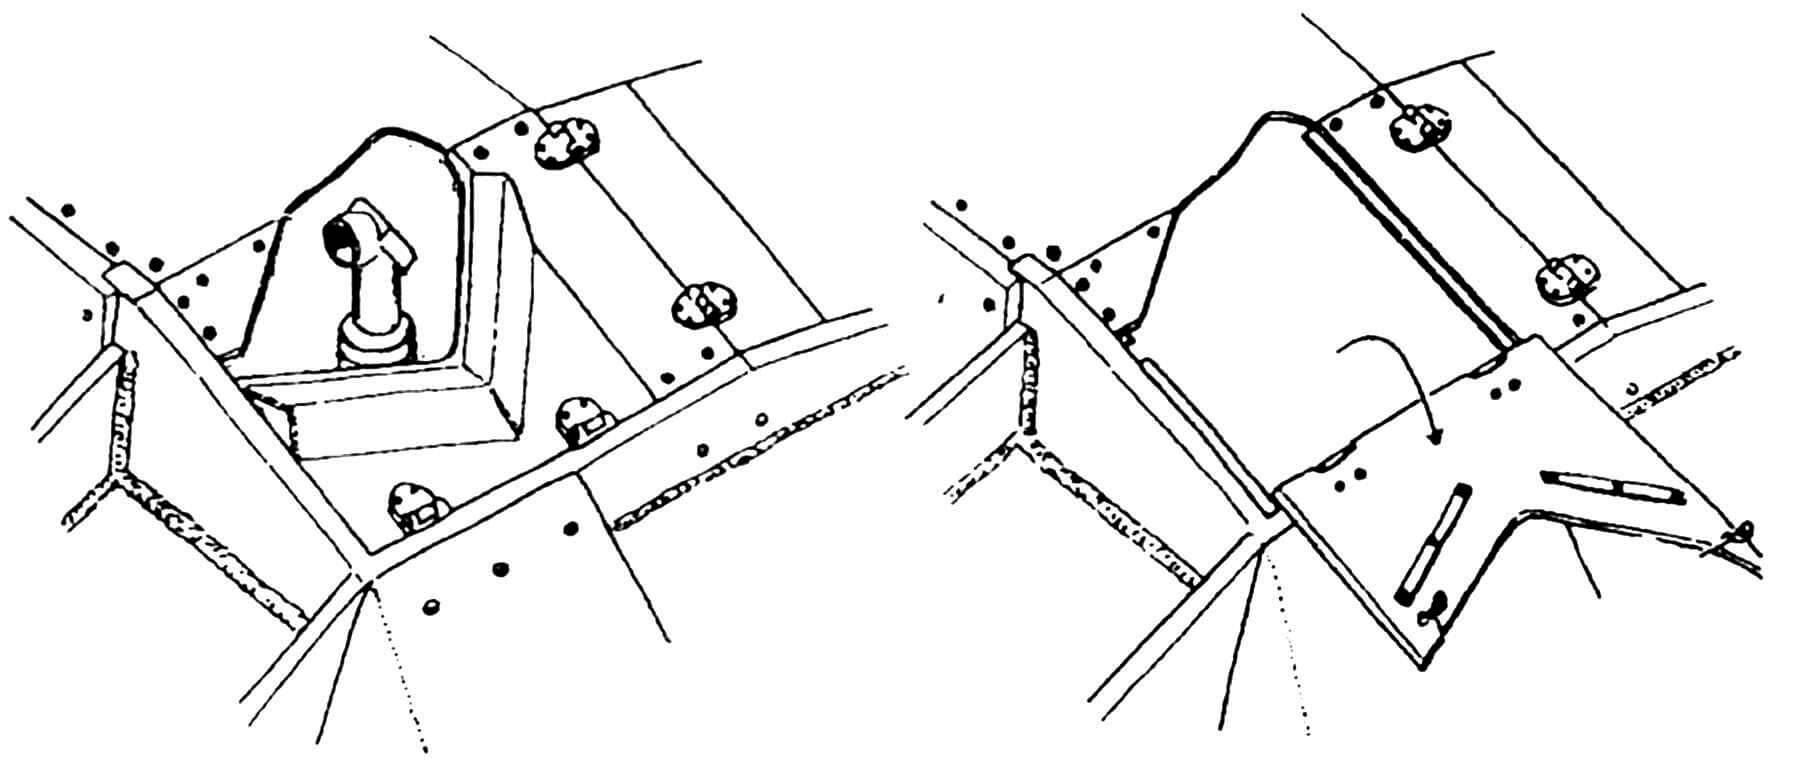 Люк для установки перископического прицела в закрытом и в открытом положении.